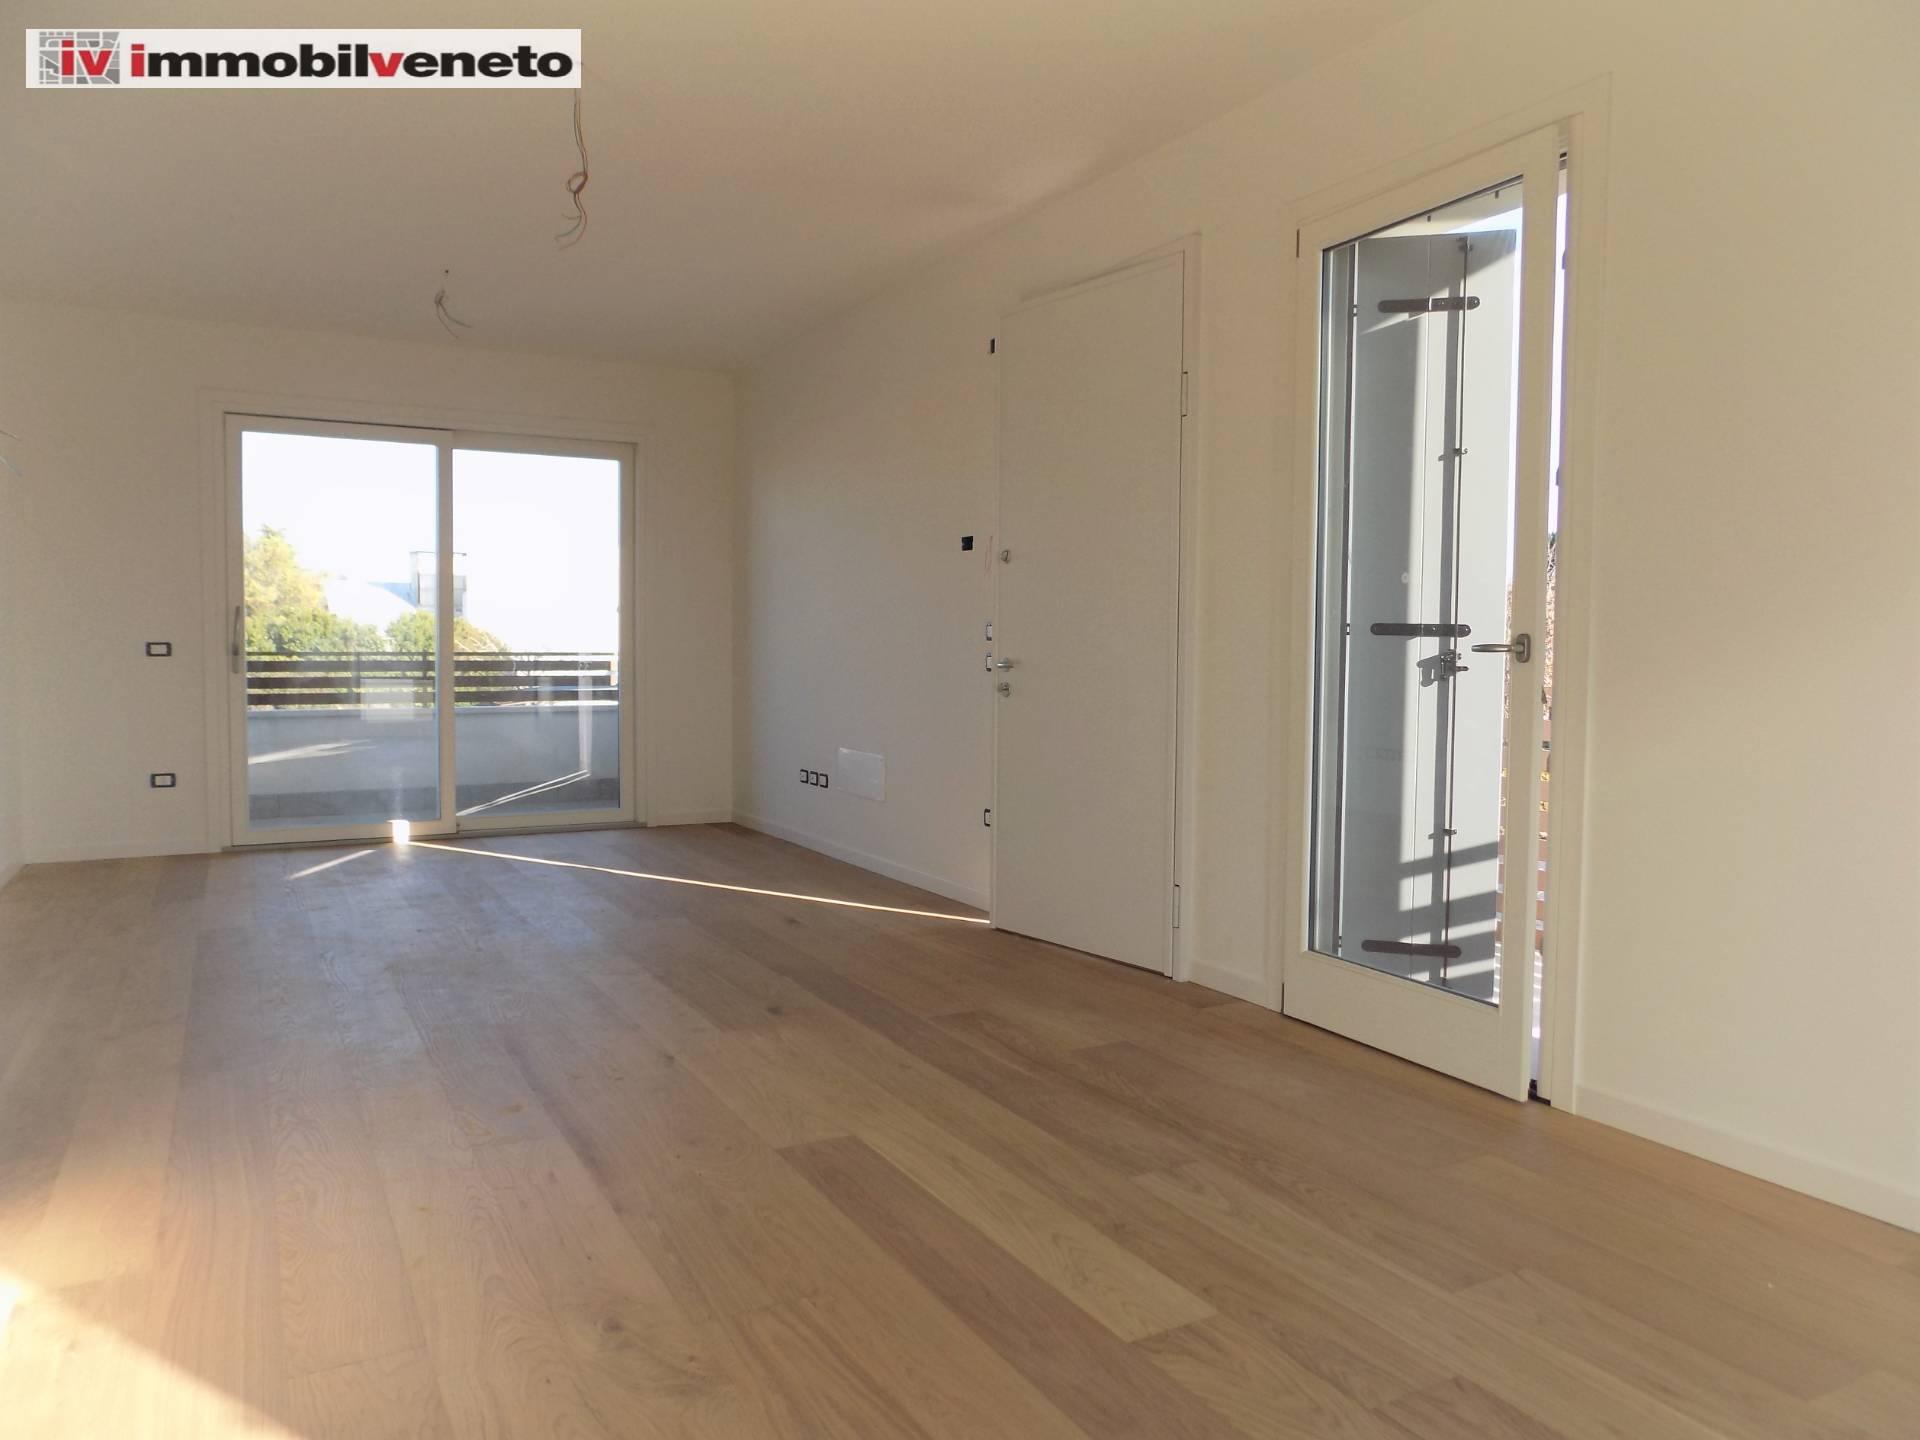 Appartamento in vendita a Lonigo, 5 locali, Trattative riservate | PortaleAgenzieImmobiliari.it